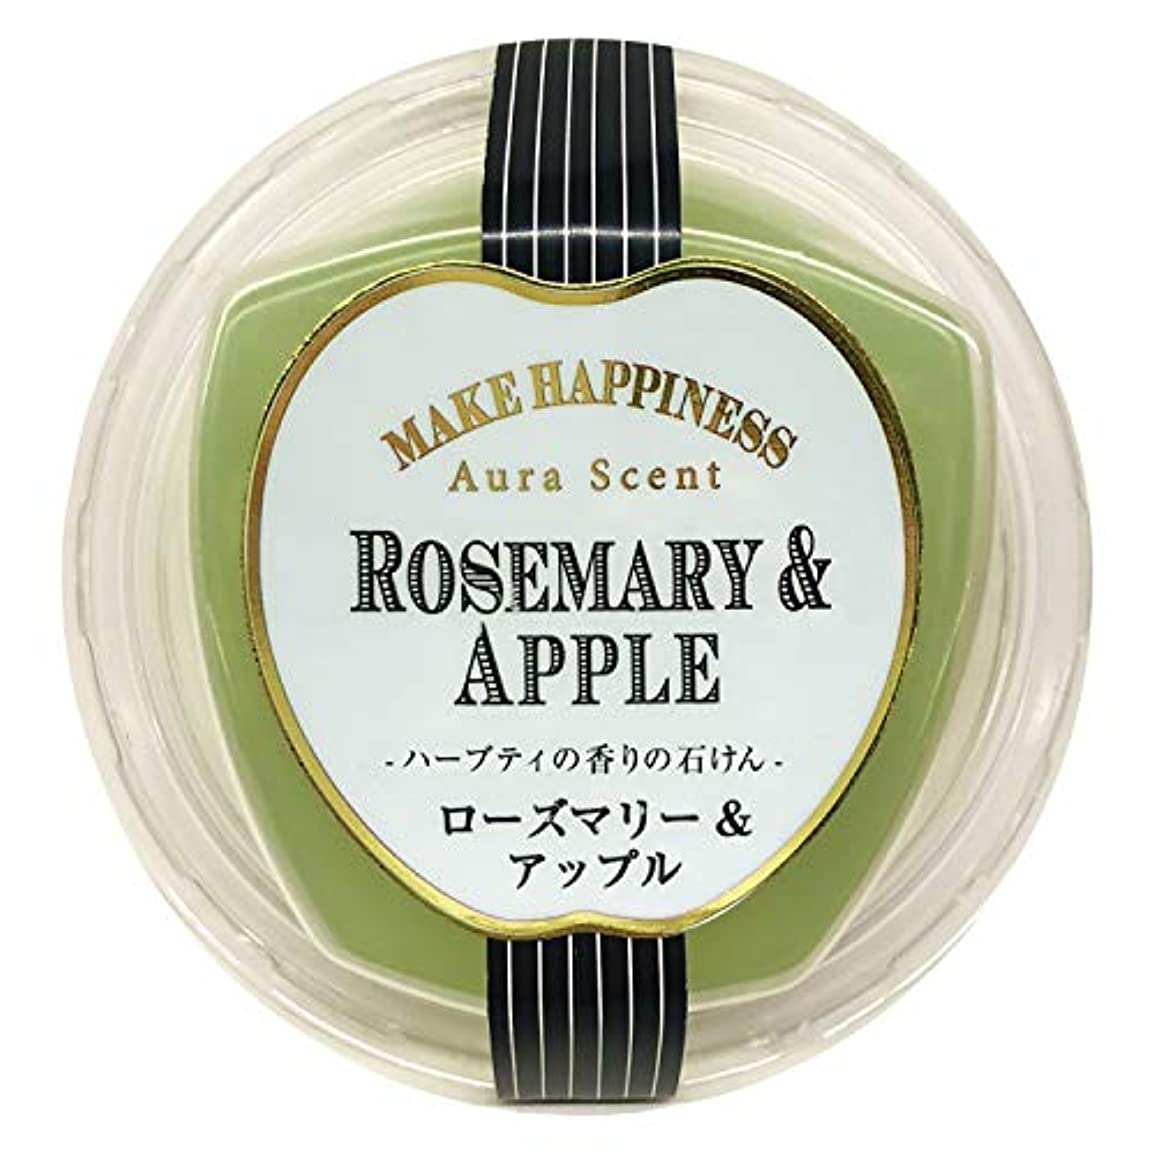 マンモス激しいこれまでペリカン石鹸 オーラセント クリアソープローズマリー&アップル 75g